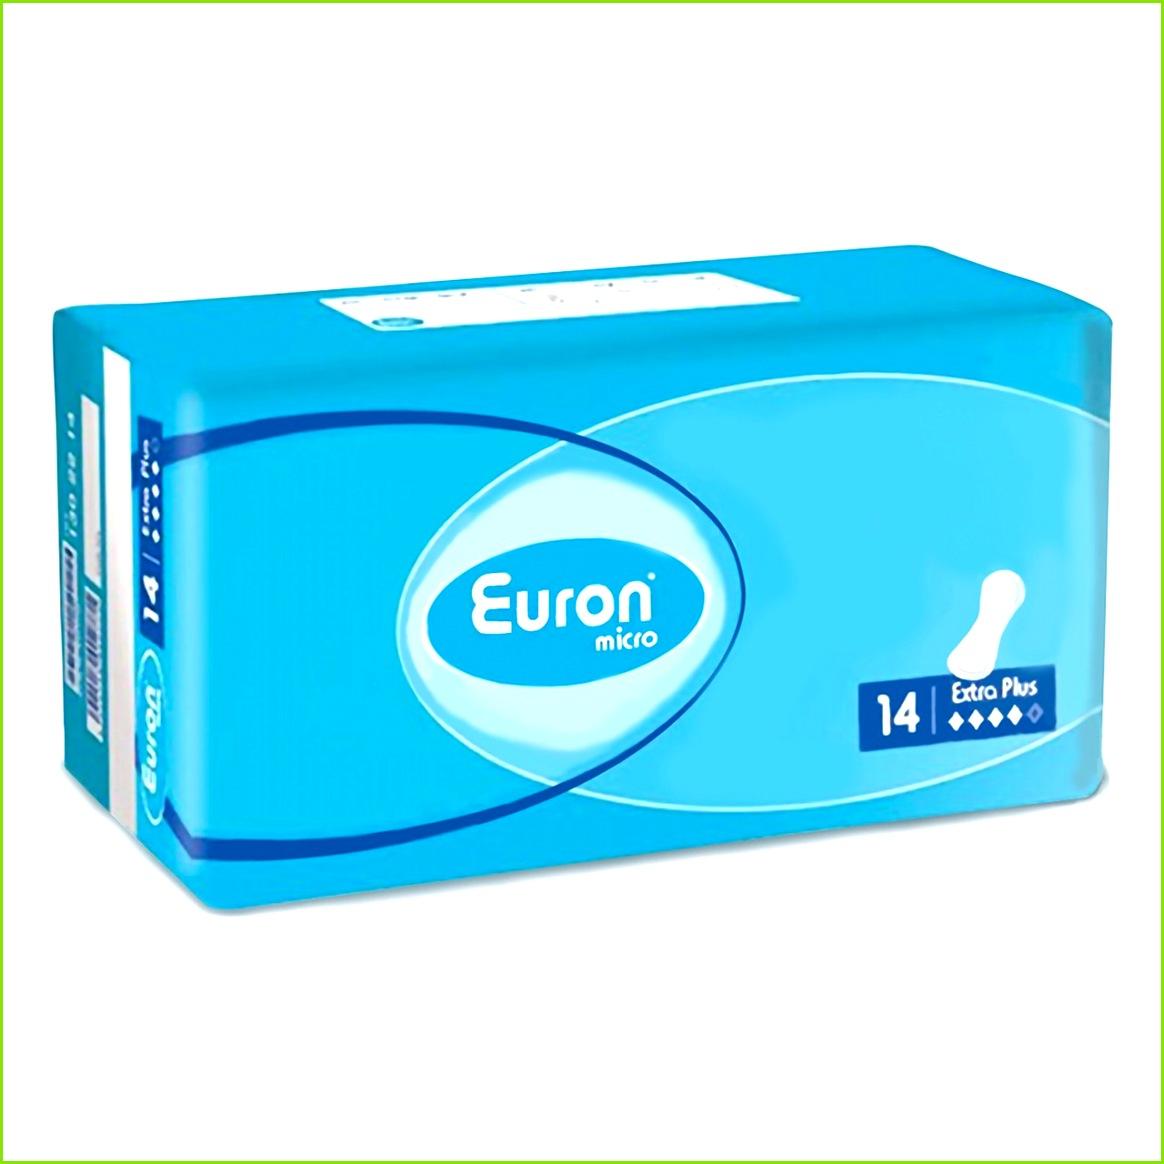 Euron Flex Extra Plus